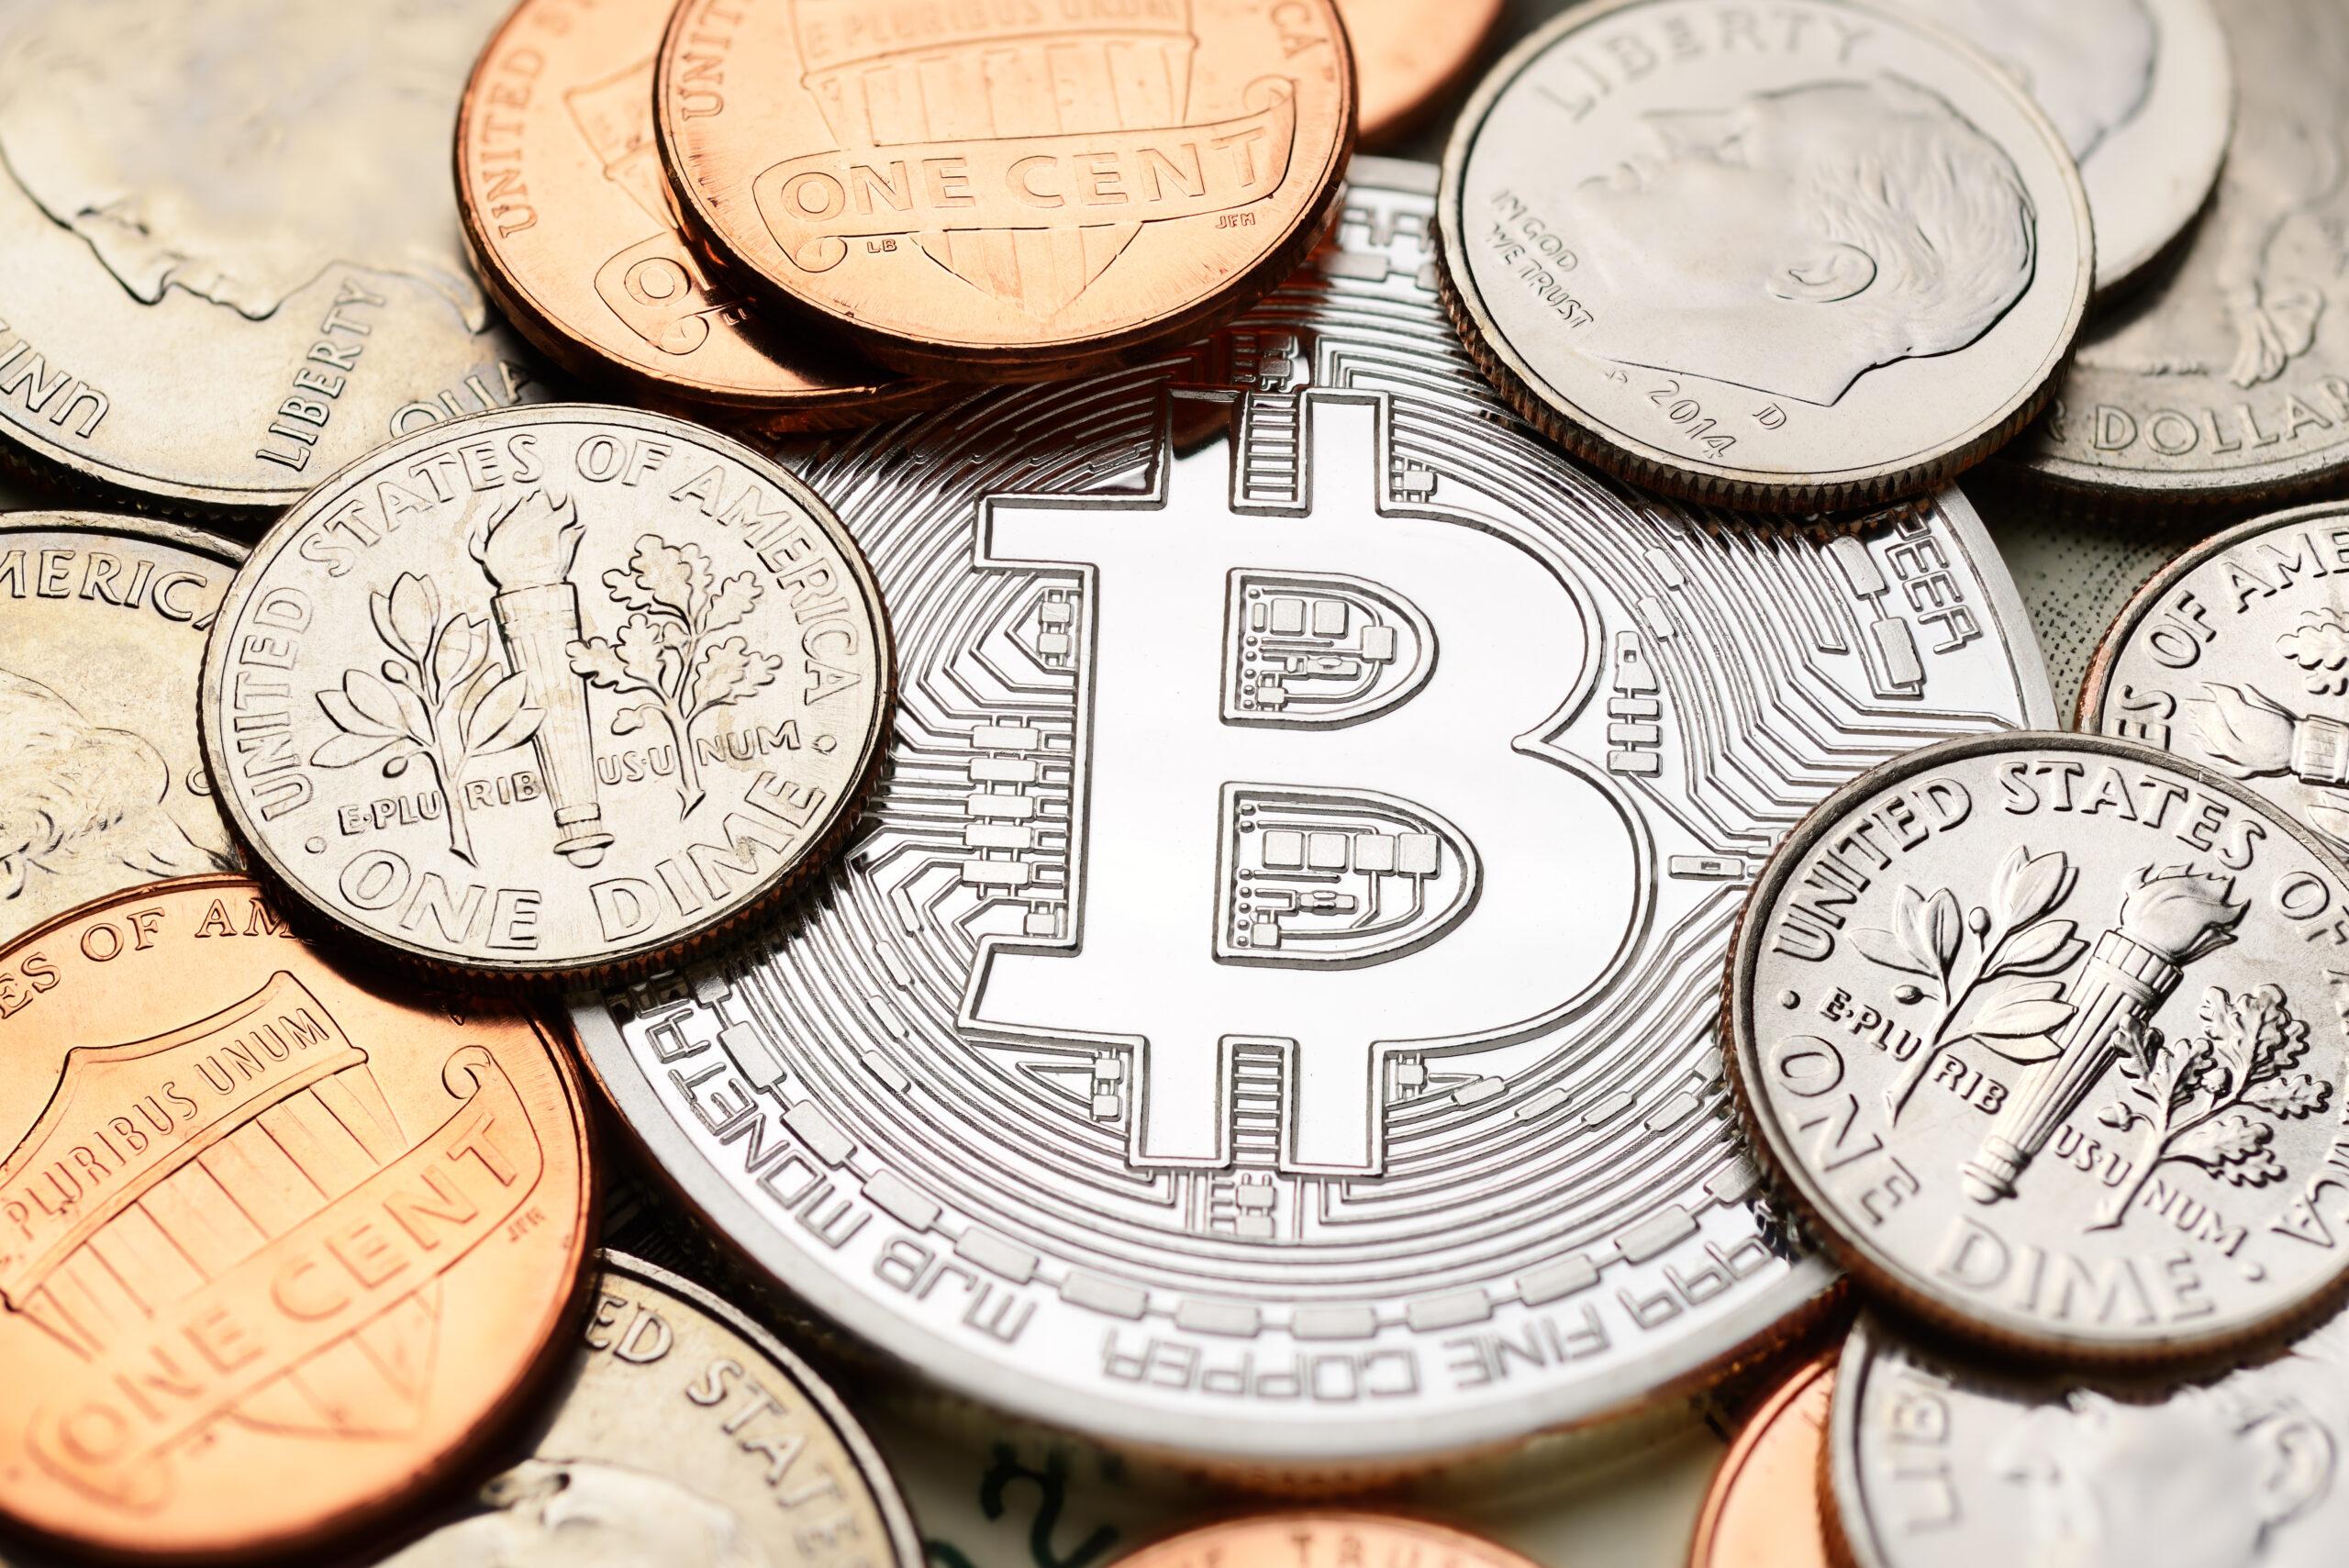 ビットコインが急騰する度に巻き起こる議論:ビットコインに価値はあるか?